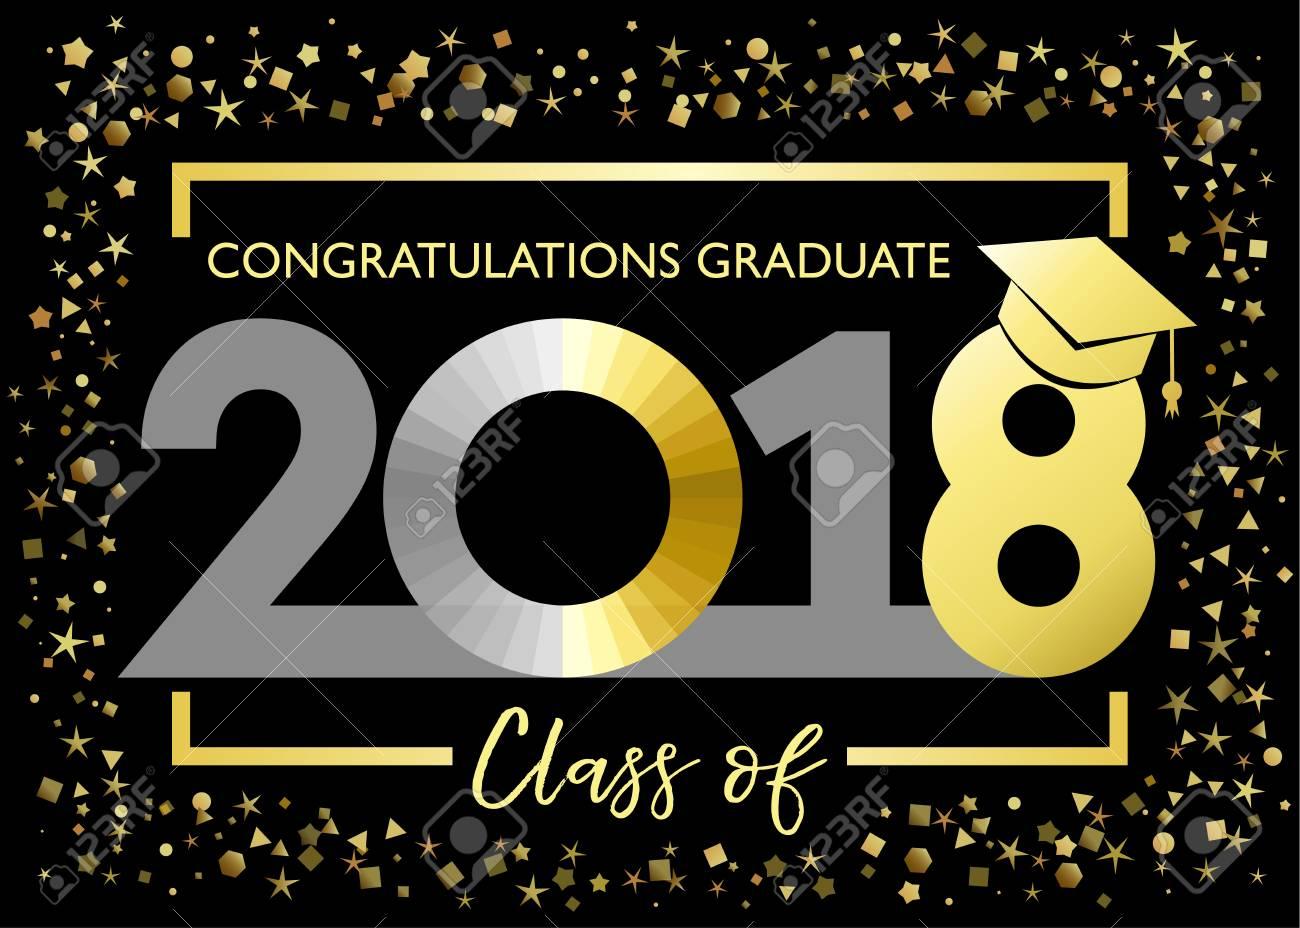 class of 2018 congratulations graduating golden glitter card